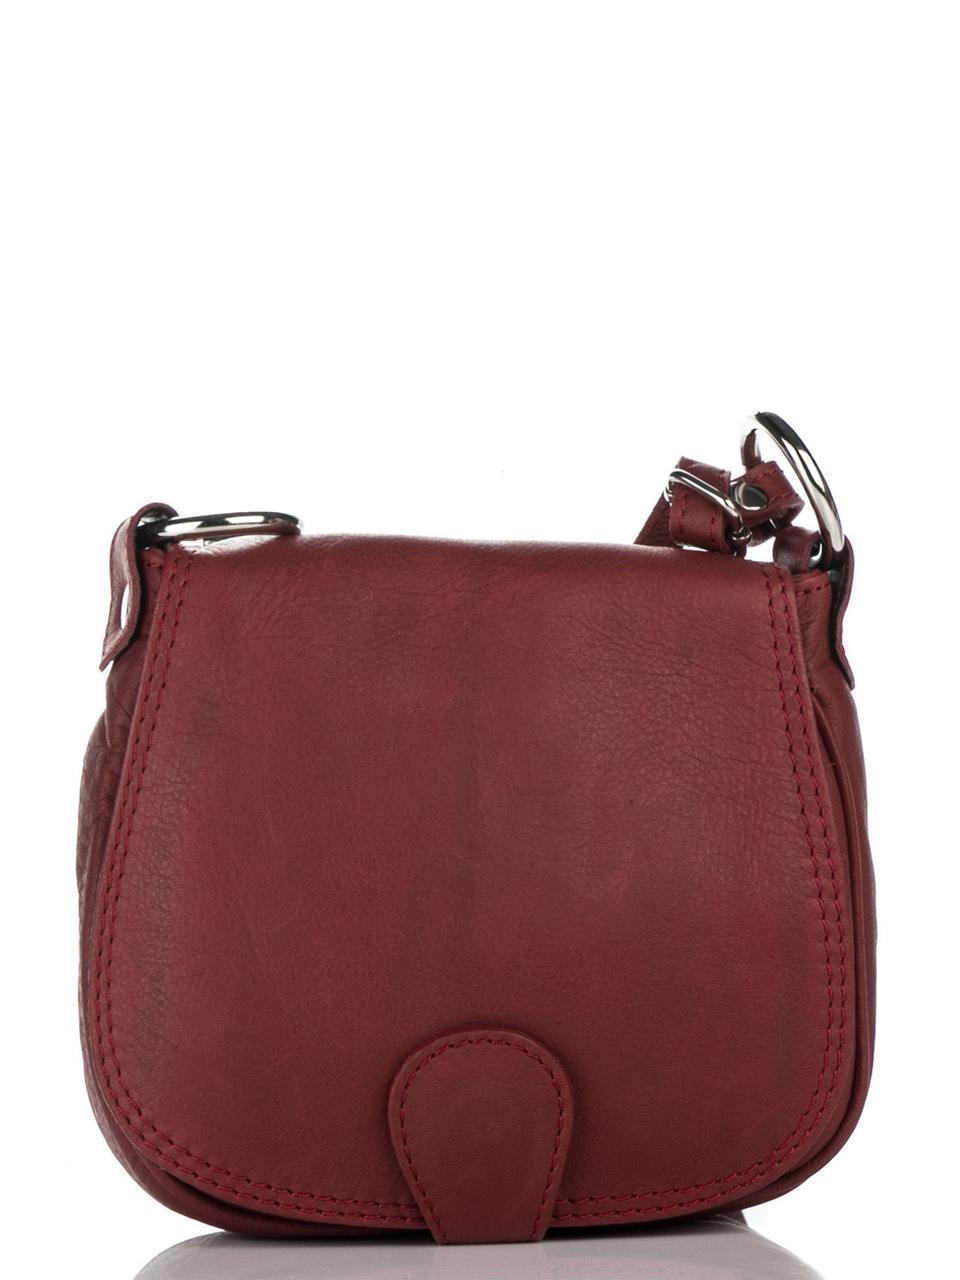 Женская кожаная сумка через плечо SIBILLA Diva's Bag цвет бордовый